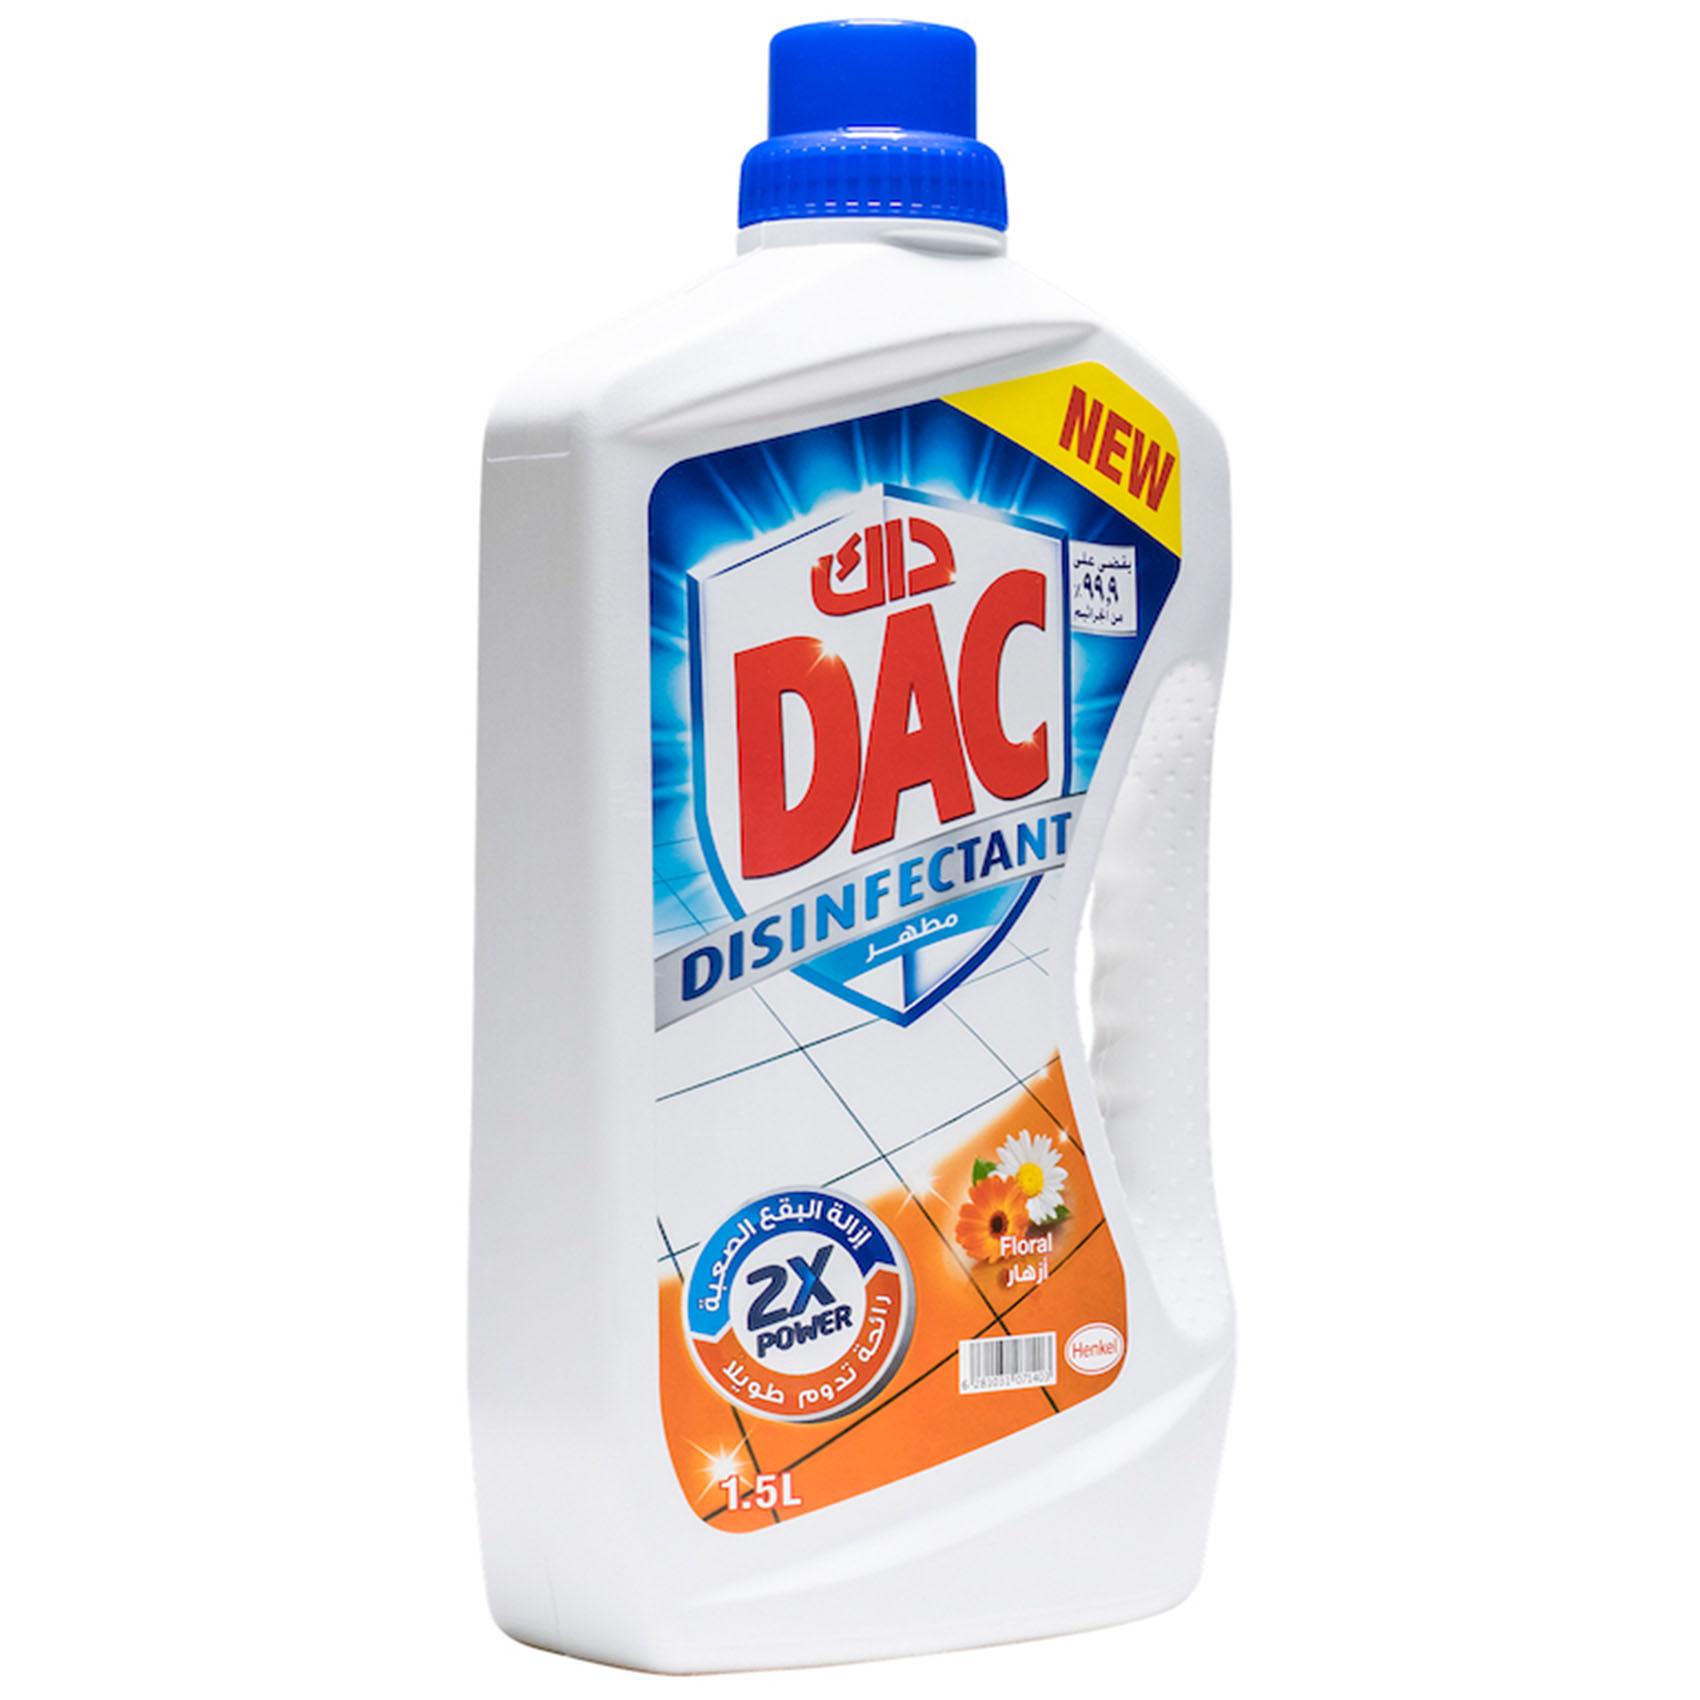 DAC M/PURP CLN&DSIN FLORAL 1.5L